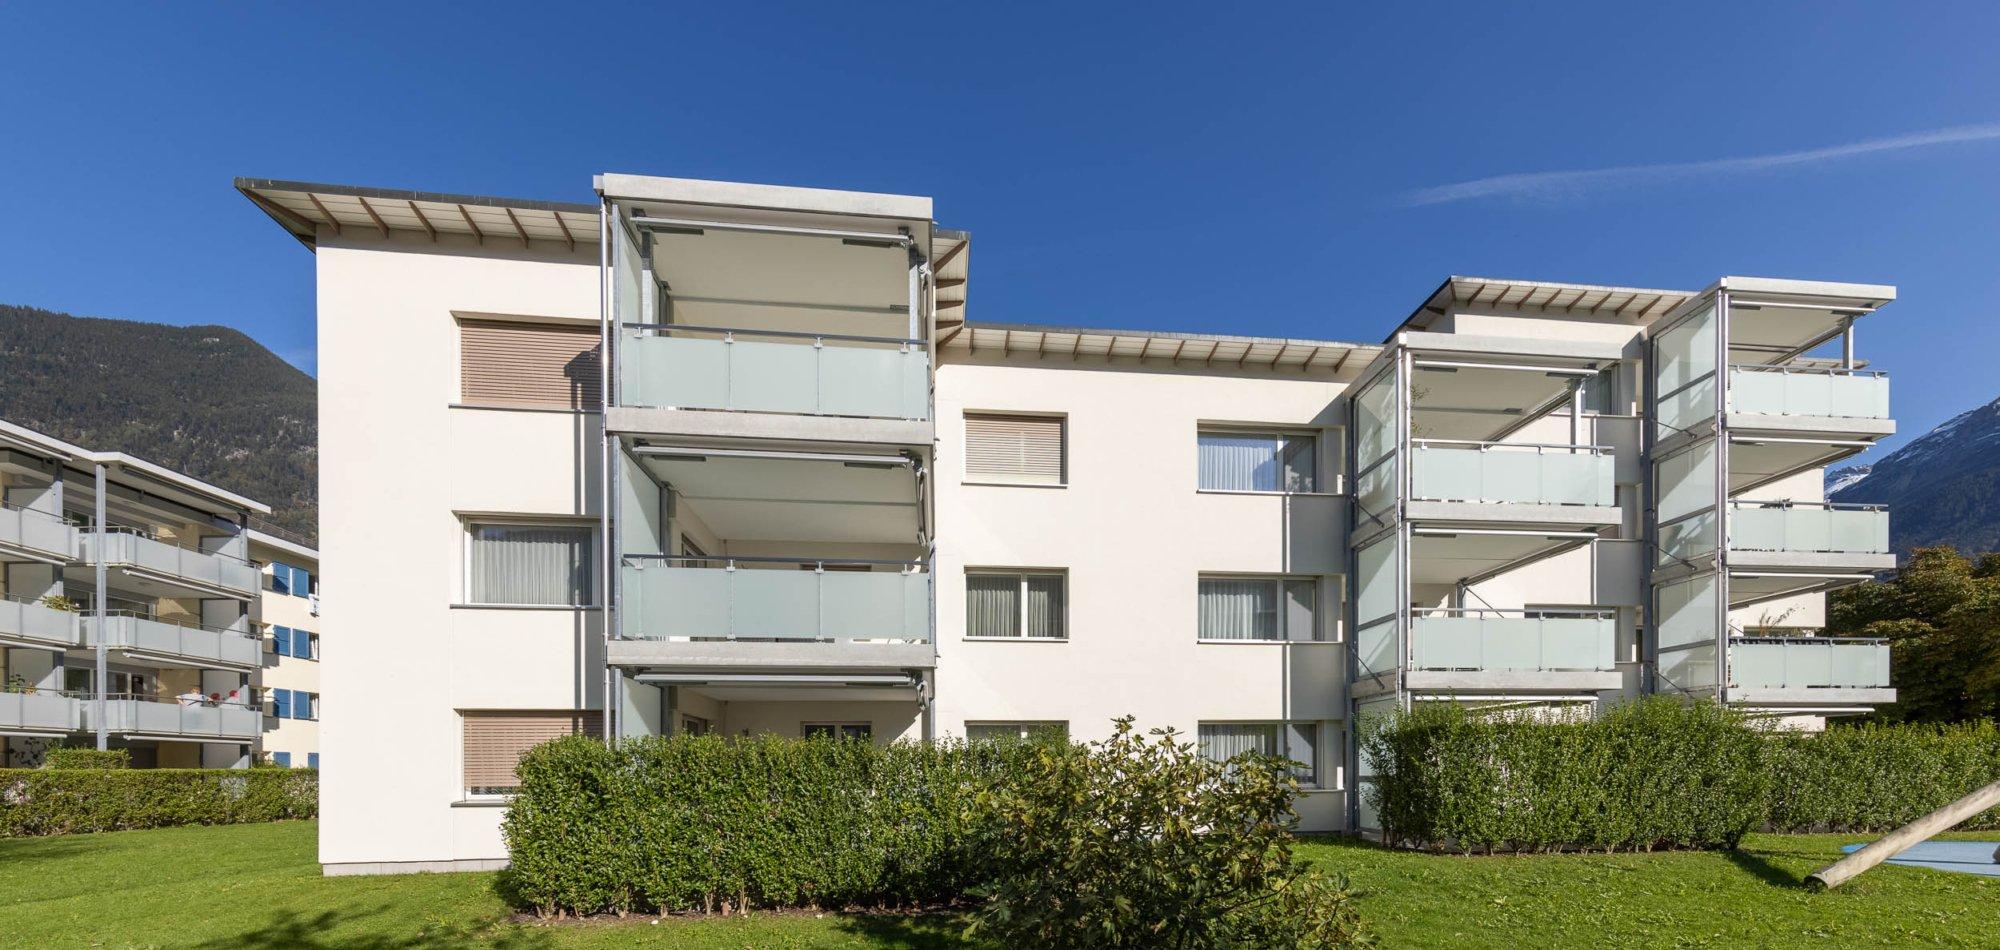 Vergrösserung der bestehenden Balkone